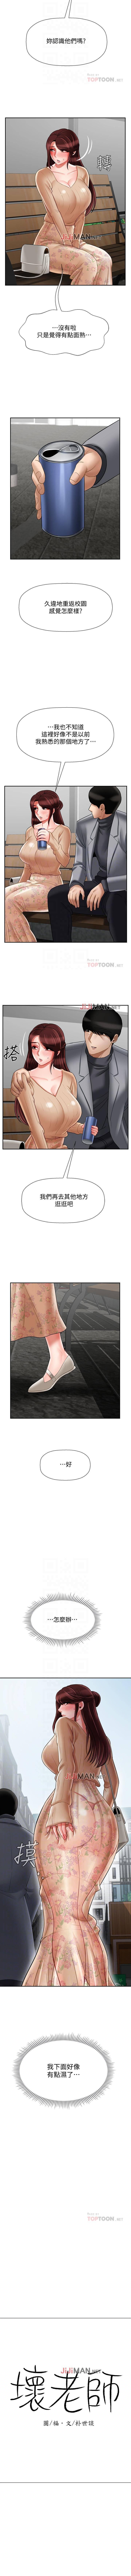 【已休刊】坏老师(作者:朴世談&福) 第1~31话 184